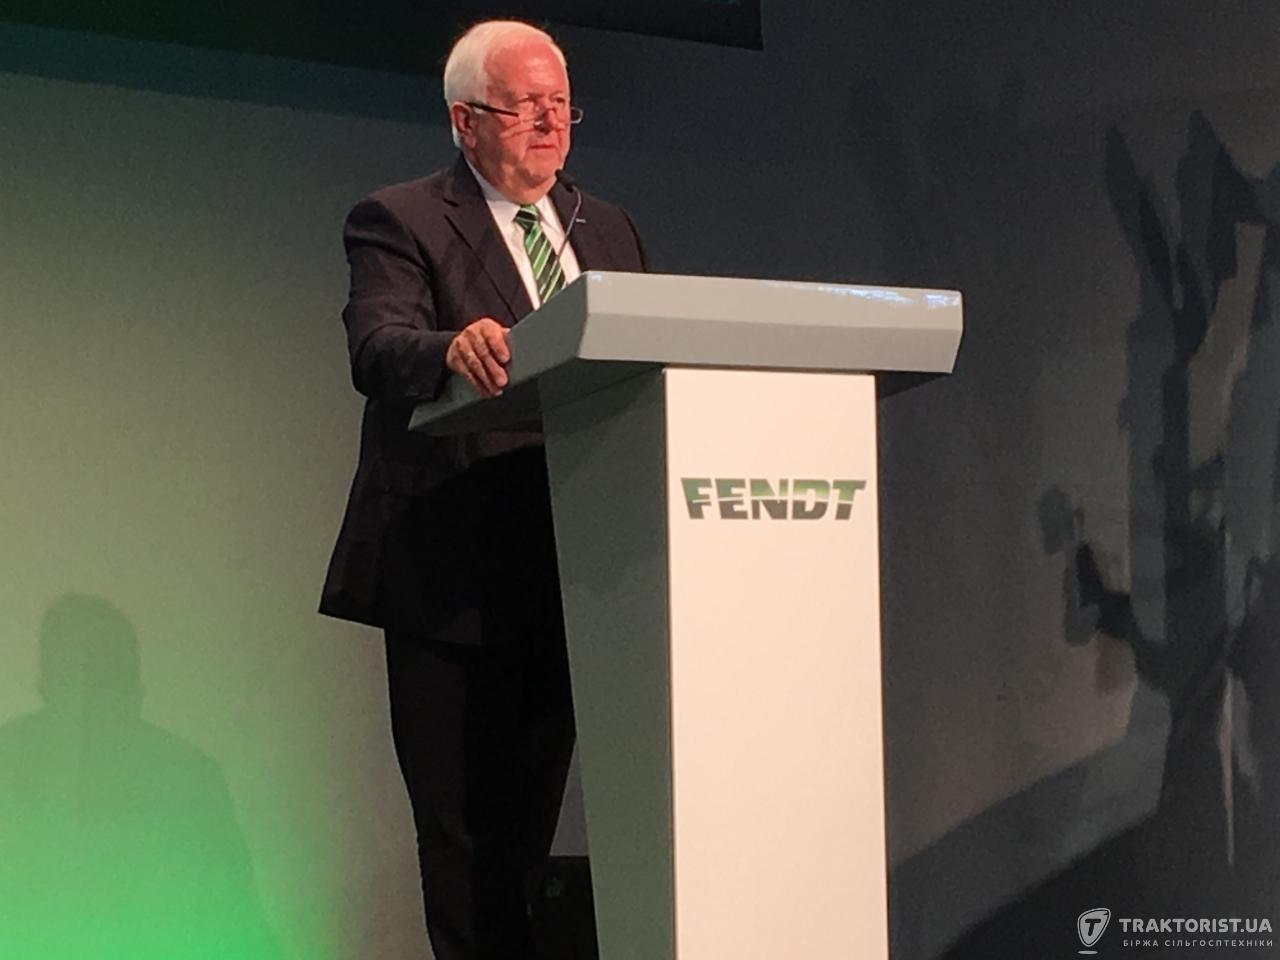 Віце-президент і виконавчий директор компанії Fendt Петер-Йозеф Паффен під час презентації